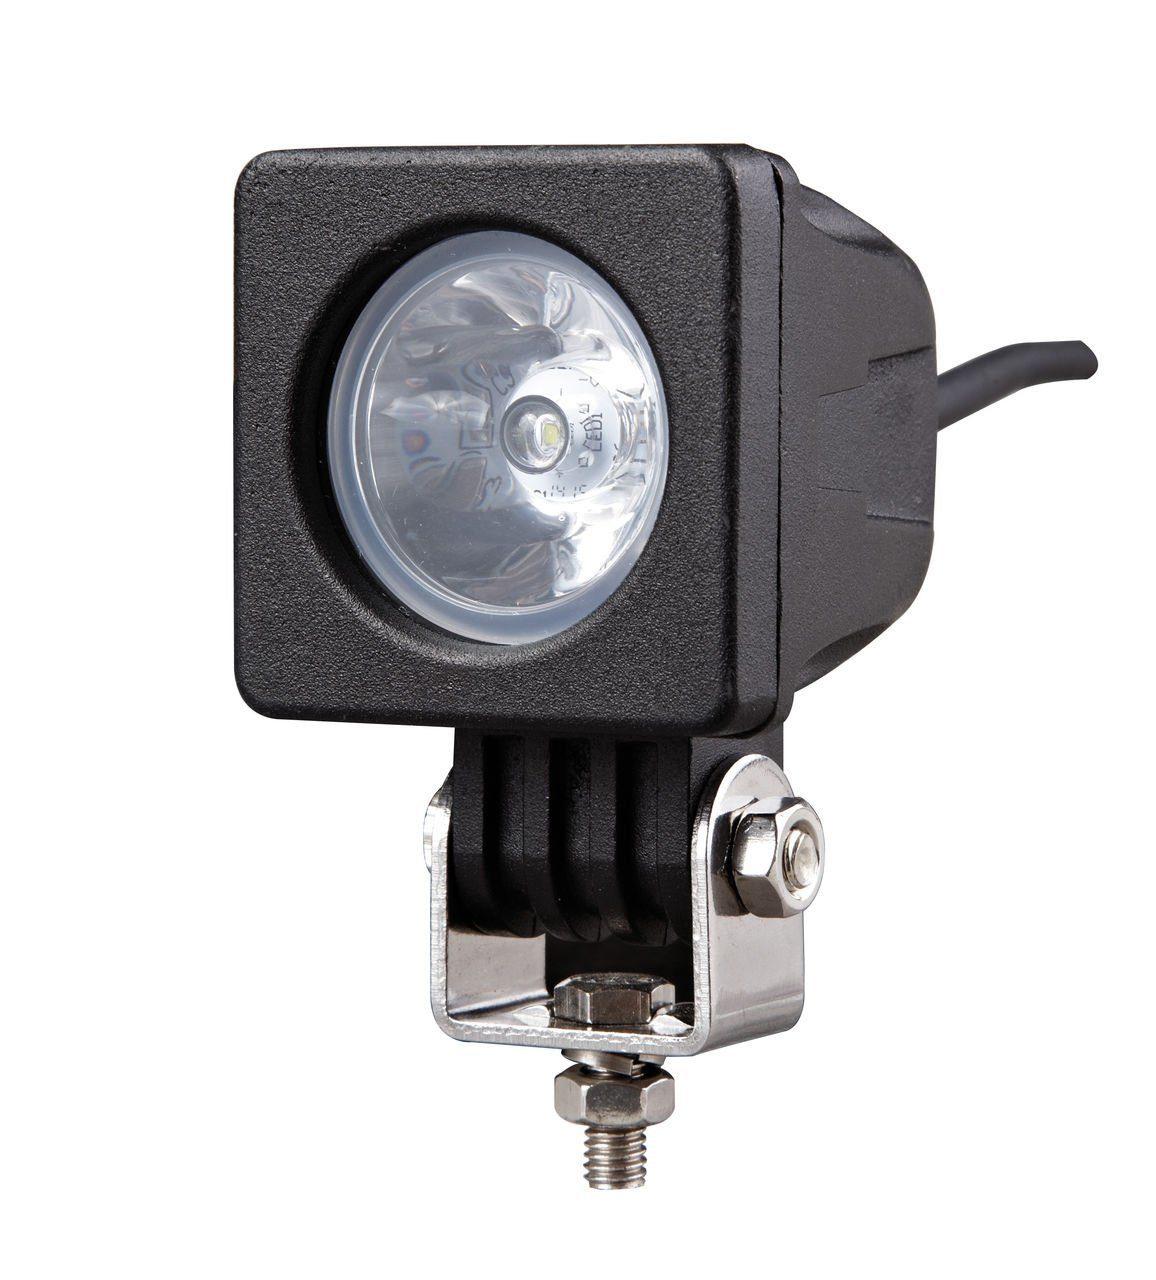 Фара светодиодная 12-24V 10W 1 LED рассеиваемый свет 100*51*61мм GL8033